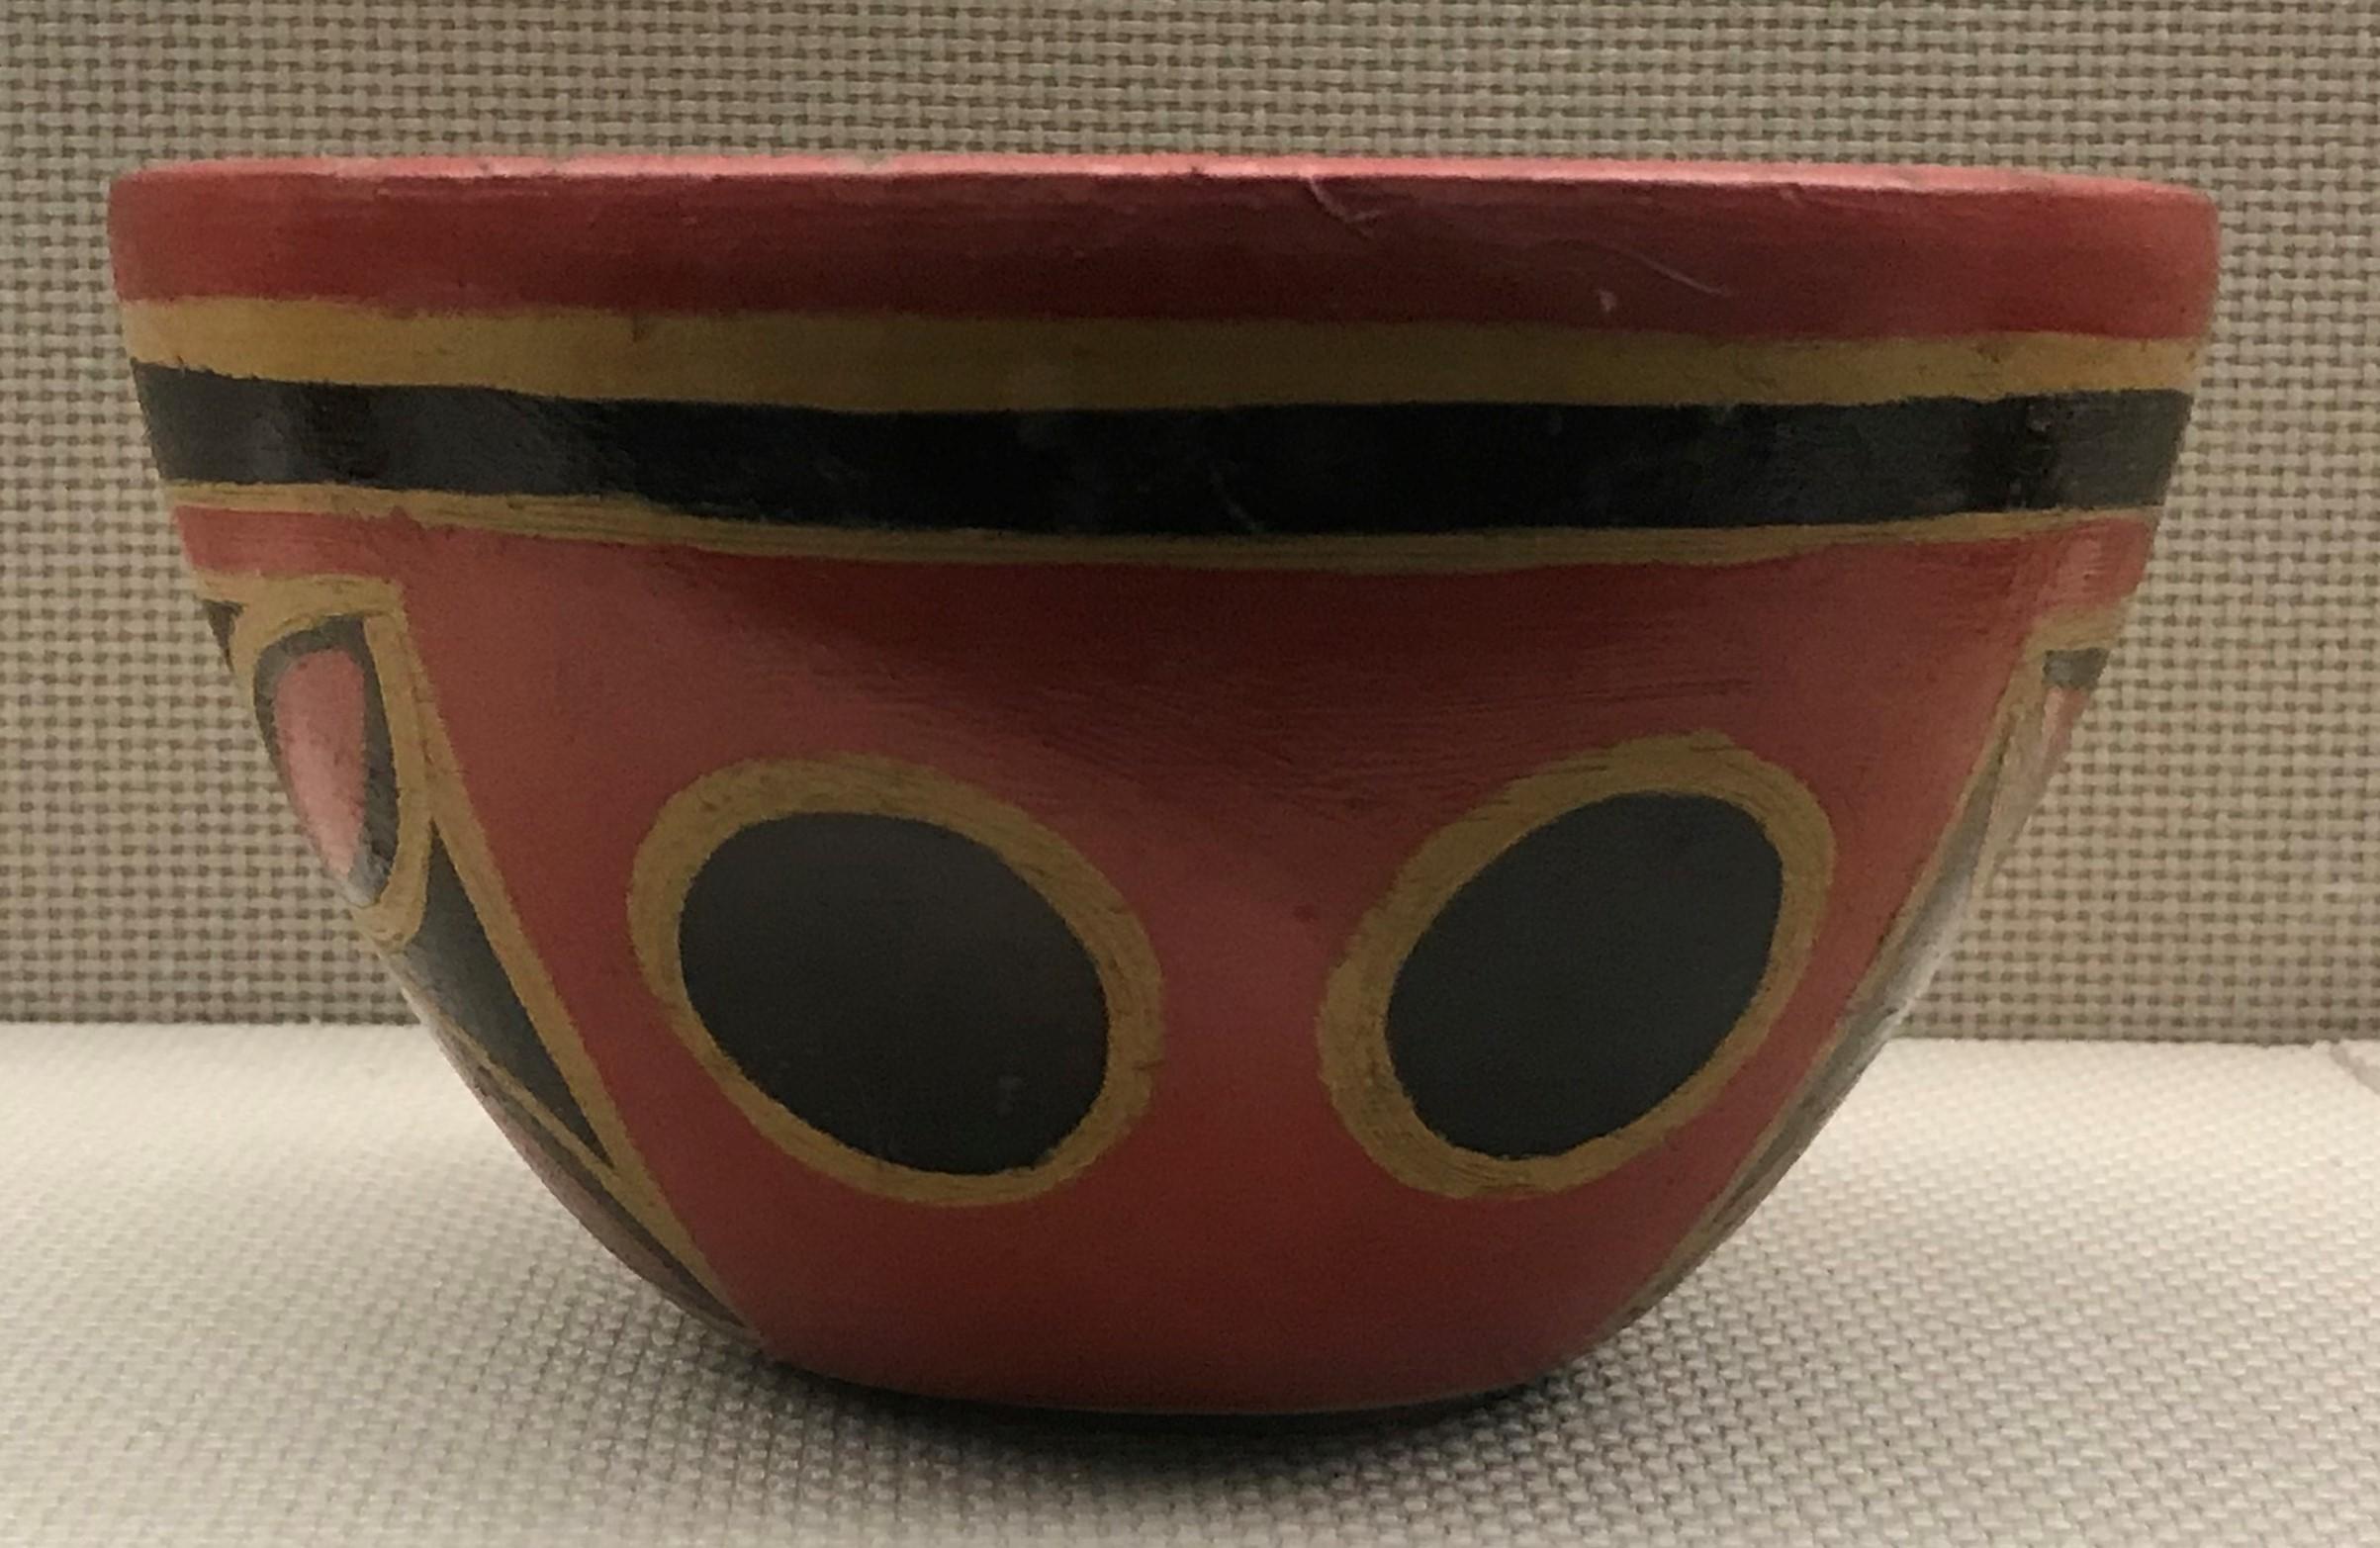 彩絵反口大杜漆碗-漆山羊角杯-彜族漆器-四川民族文物館-四川博物館-成都